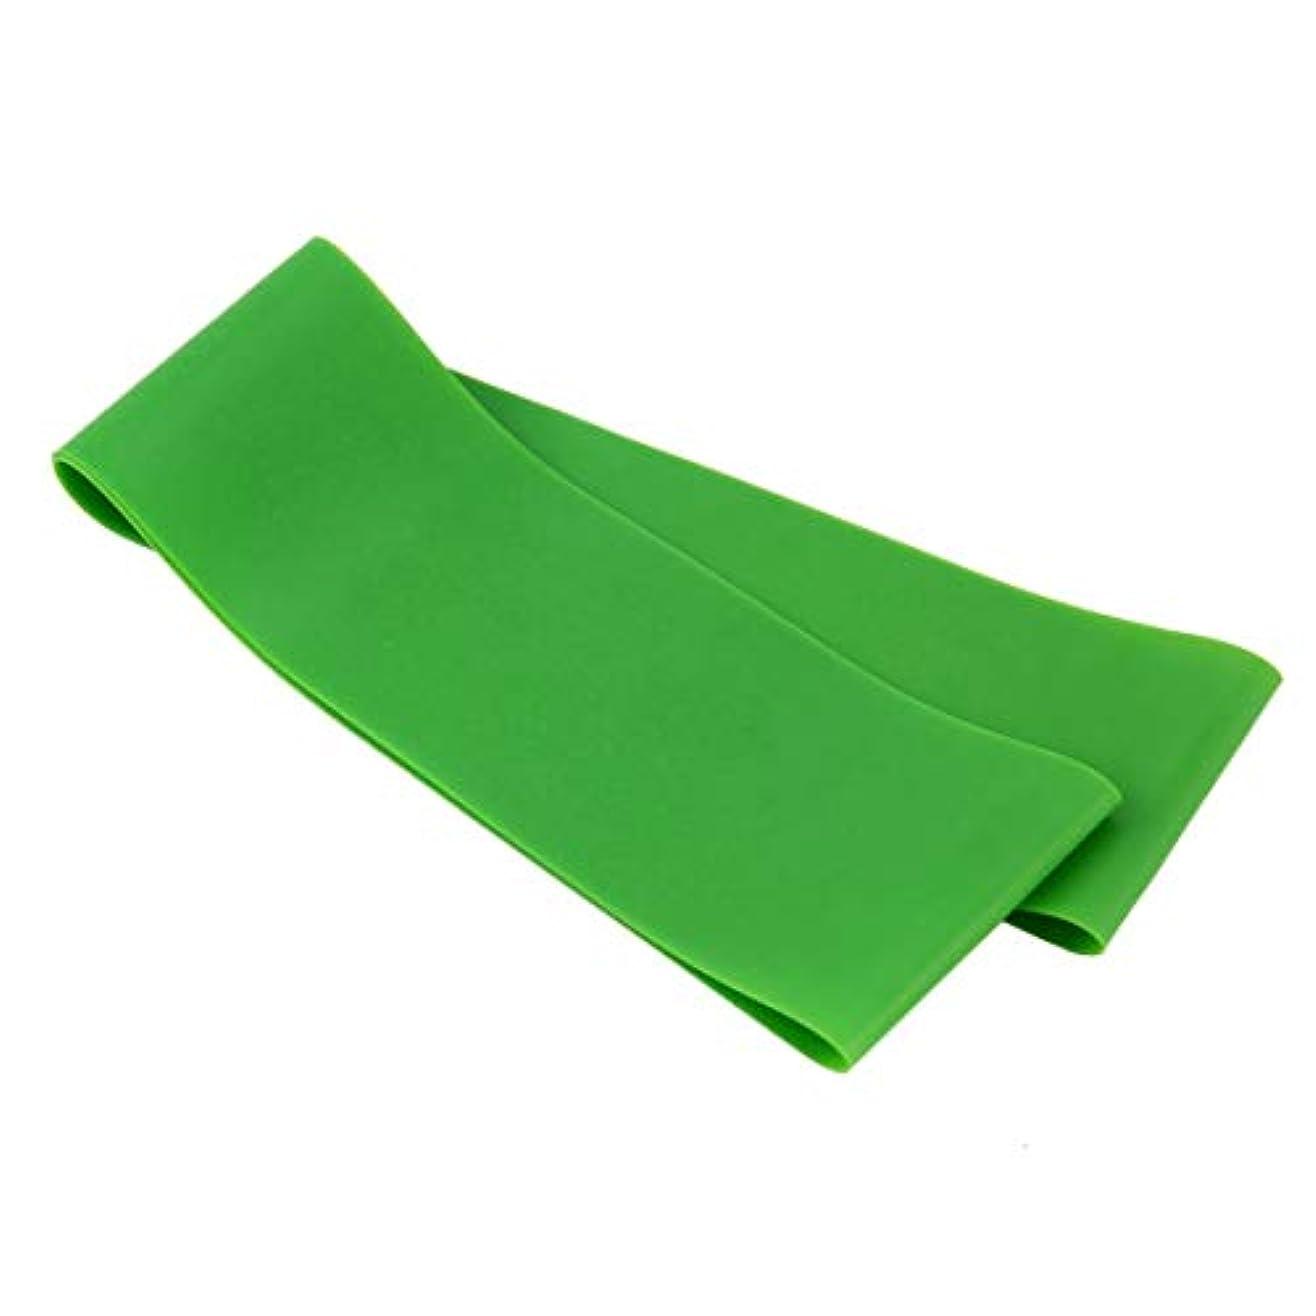 平方ビート教師の日滑り止め伸縮性ゴム弾性ヨガベルトバンドプルロープ張力抵抗バンドループ強度のためのフィットネスヨガツール - グリーン